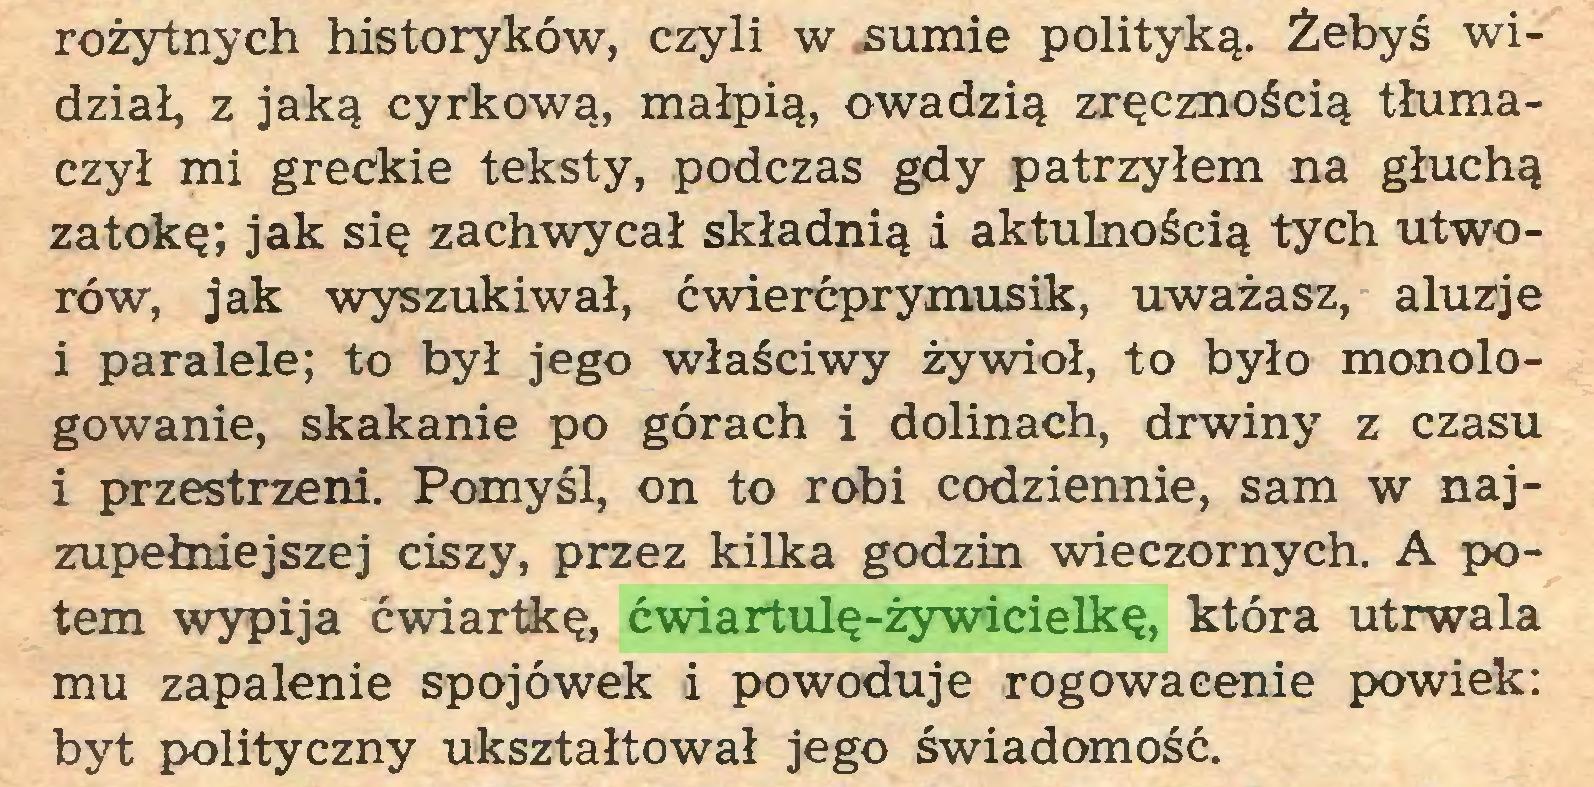 (...) rożytnych historyków, czyli w sumie polityką. Żebyś widział, z jaką cyrkową, małpią, owadzią zręcznością tłumaczył mi greckie teksty, podczas gdy patrzyłem na głuchą zatokę; jak się zachwycał składnią i aktulnością tych utworów, jak wyszukiwał, ćwierćprymusik, uważasz, aluzje i paralele; to był jego właściwy żywioł, to było monologowanie, skakanie po górach i dolinach, drwiny z czasu i przestrzeni. Pomyśl, on to robi codziennie, sam w najzupełniejszej ciszy, przez kilka godzin wieczornych. A potem wypija ćwiartkę, ćwiartulę-żywicielkę, która utrwala mu zapalenie spojówek i powoduje rogowacenie powiek: byt polityczny ukształtował jego świadomość...